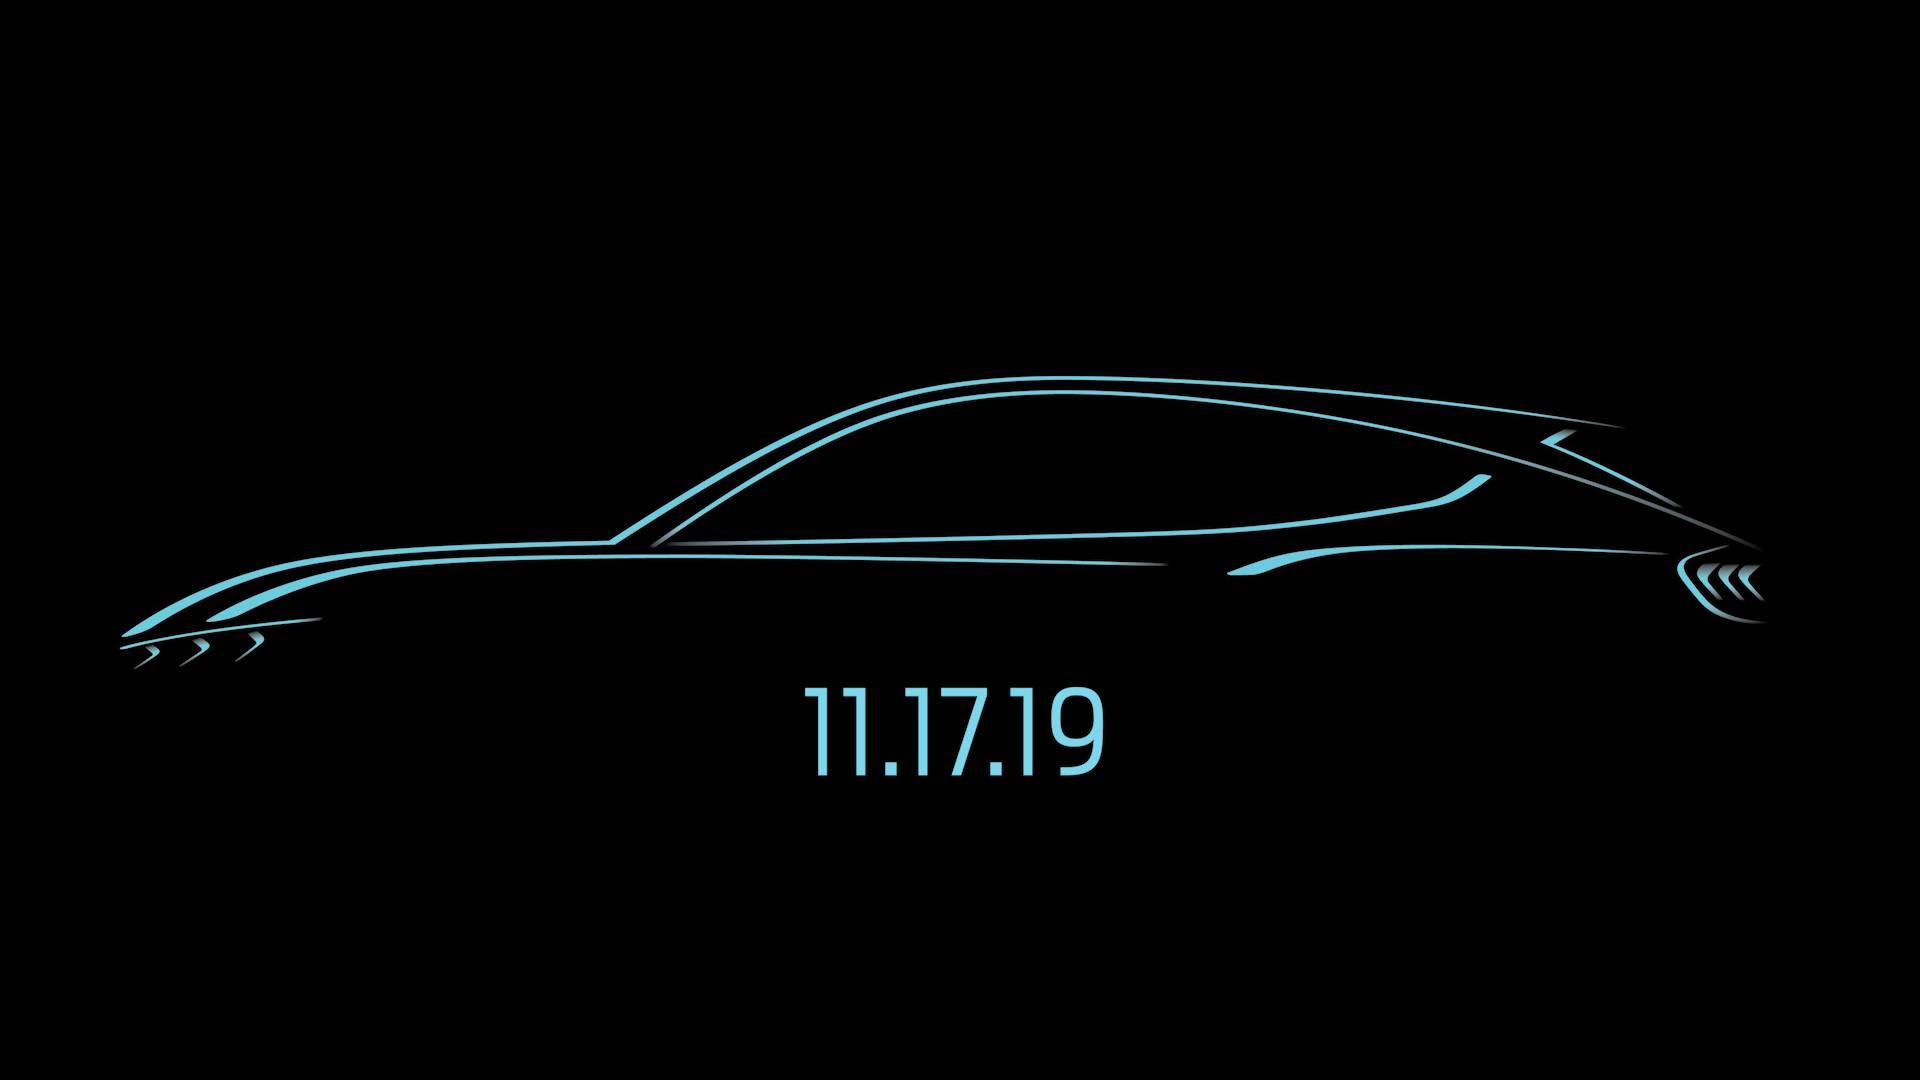 O modelo elétrico inspirado no Ford Mustang tem previsão de chegada no mercado no 2º semestre de 2020 e terá autonomia de 600 km.